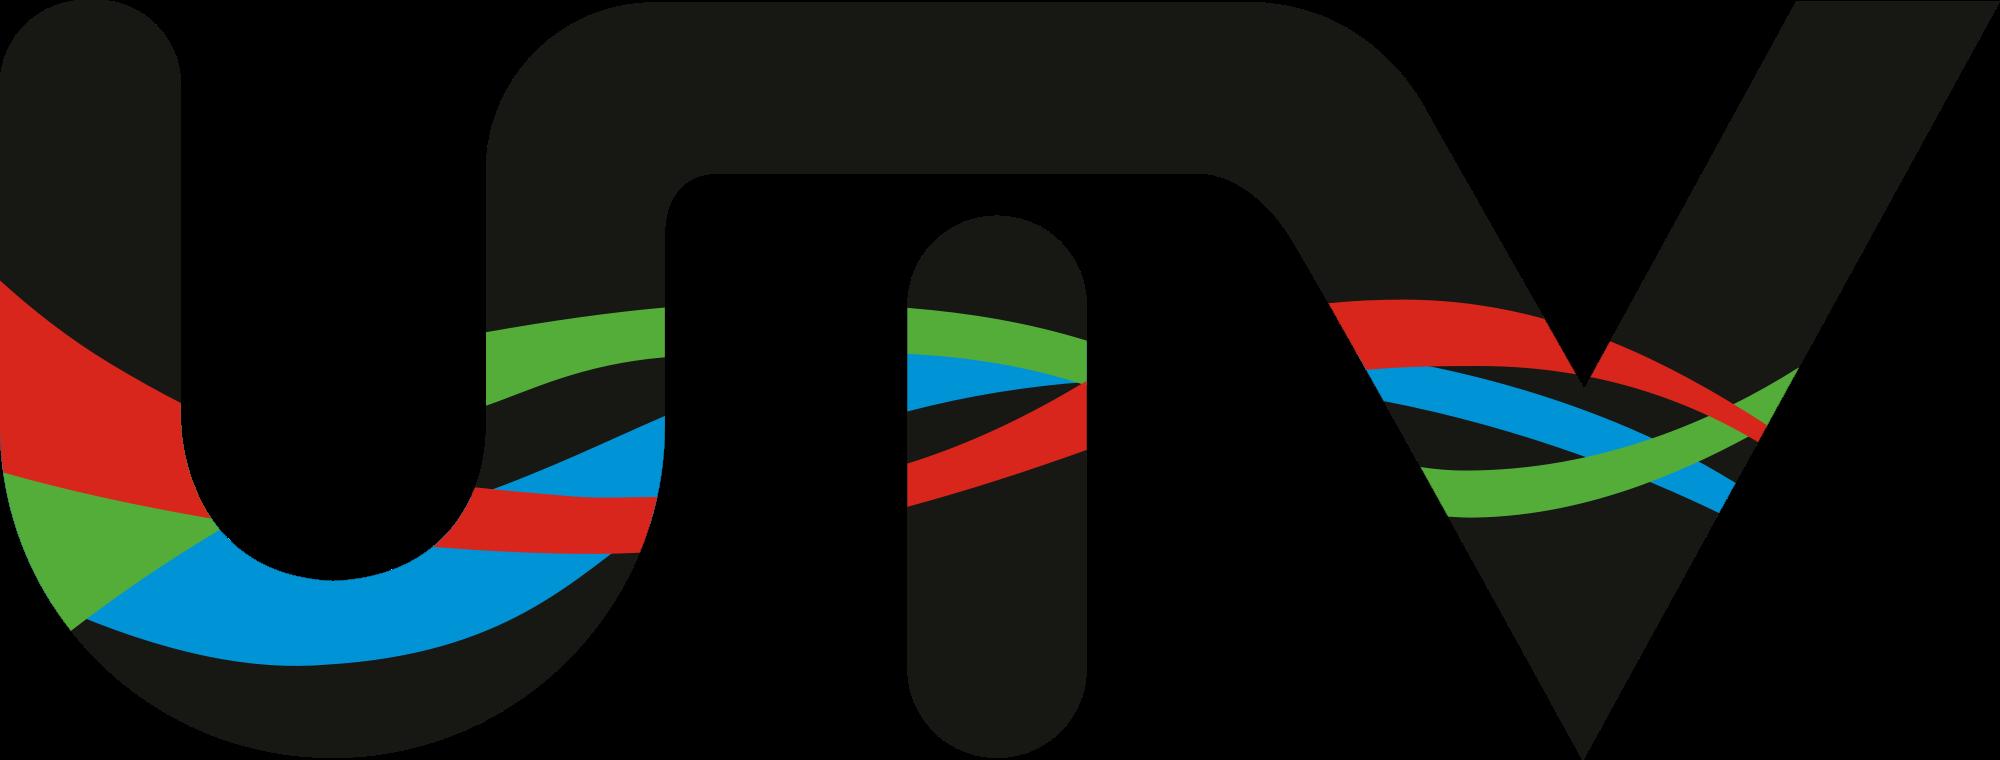 UTV Motion Pictures | Disney Wiki | FANDOM powered by Wikia